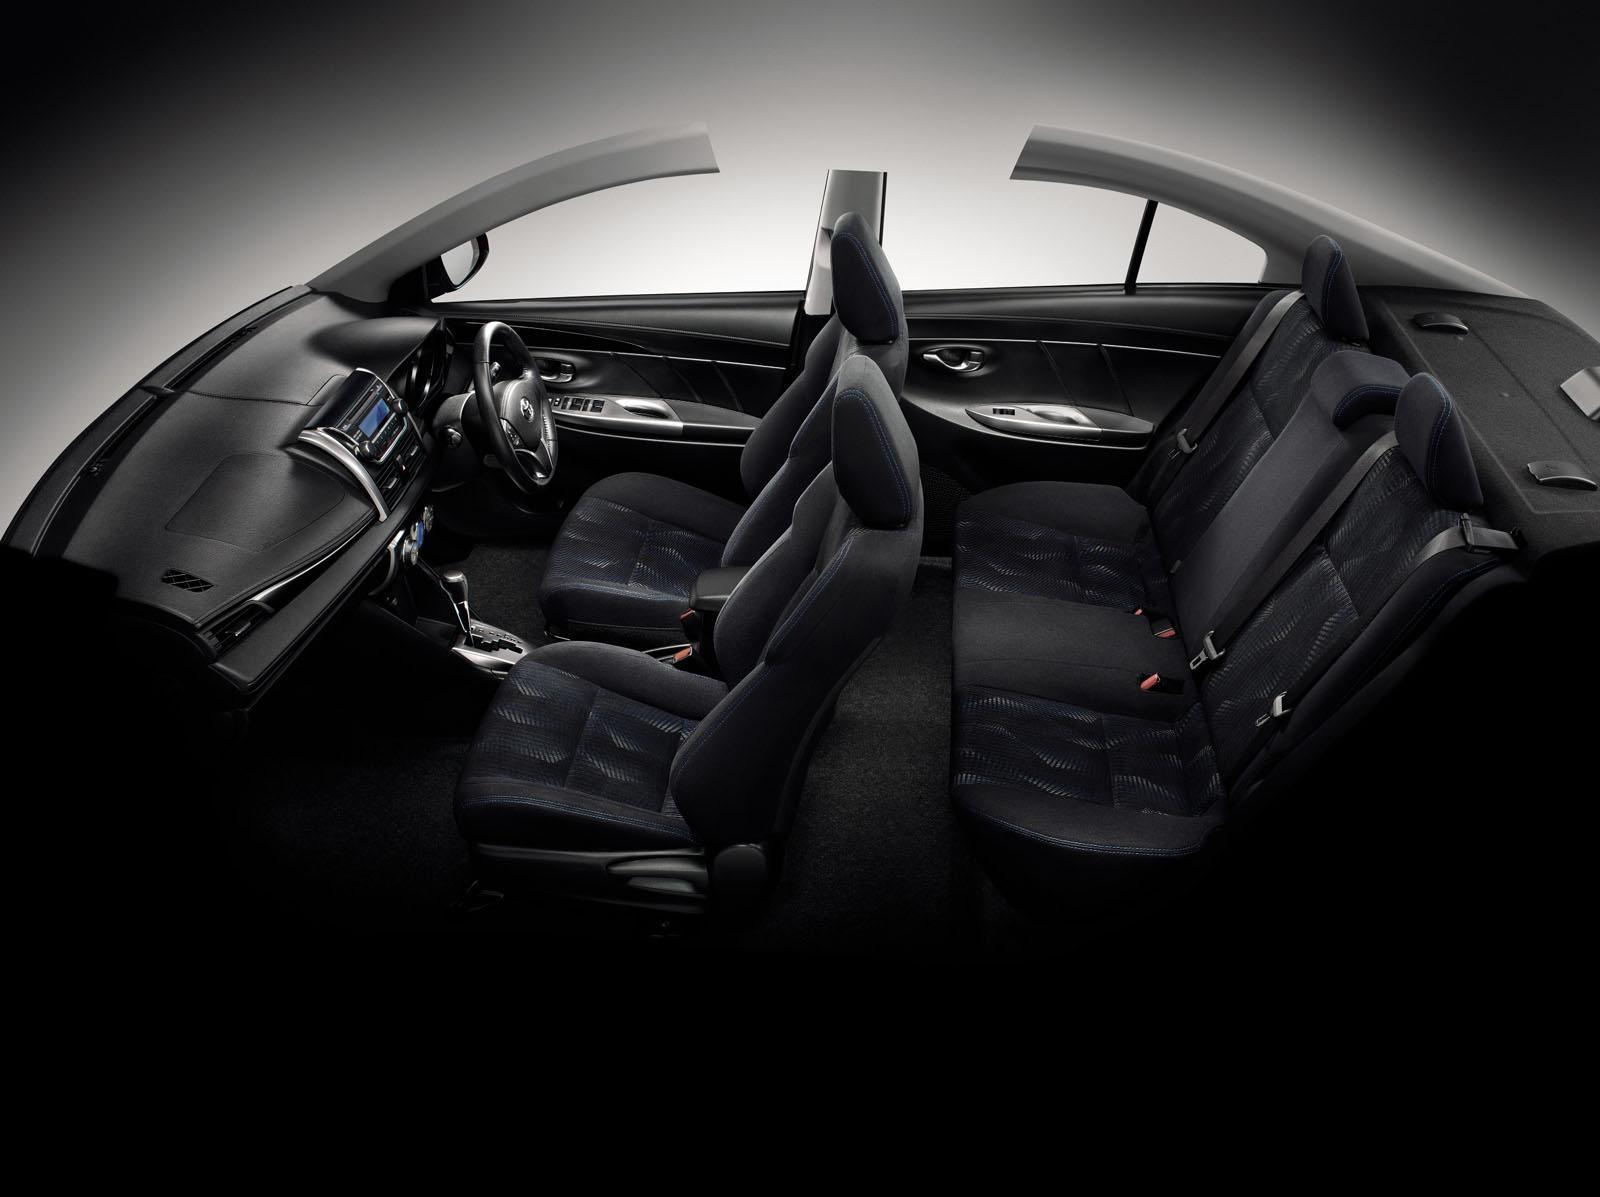 Toyota Vios 2014 Interior